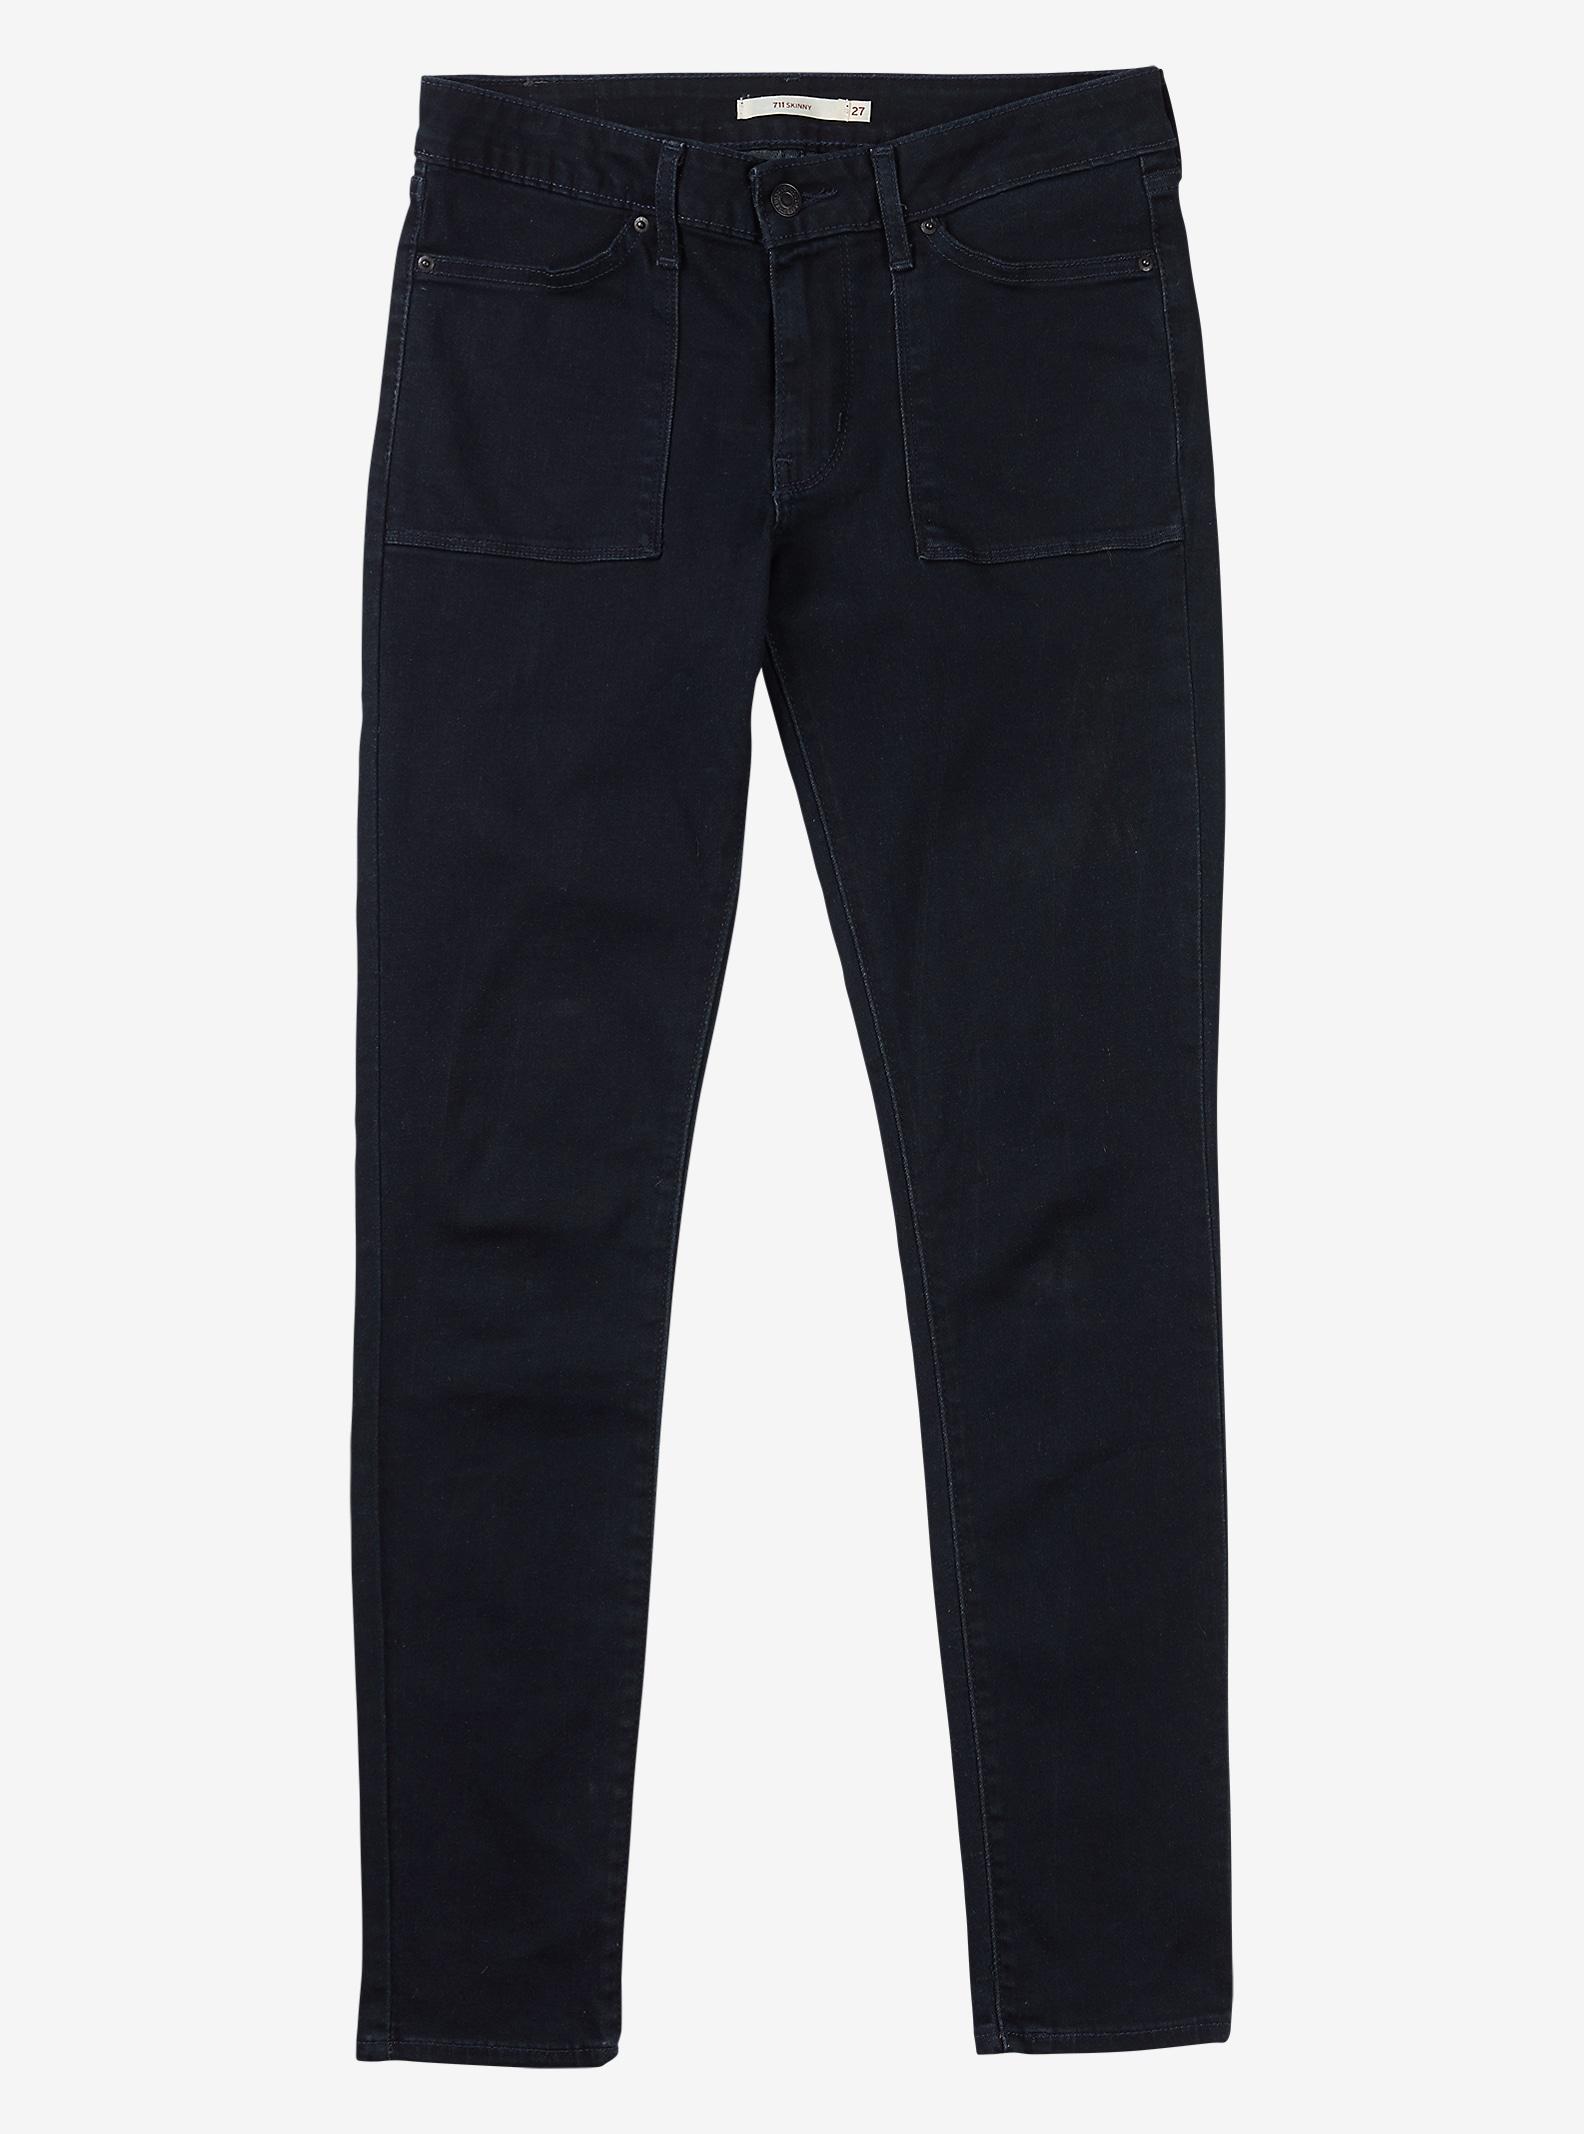 Women's Levi's® 711 Work Wear Skinny Jean shown in Midnight